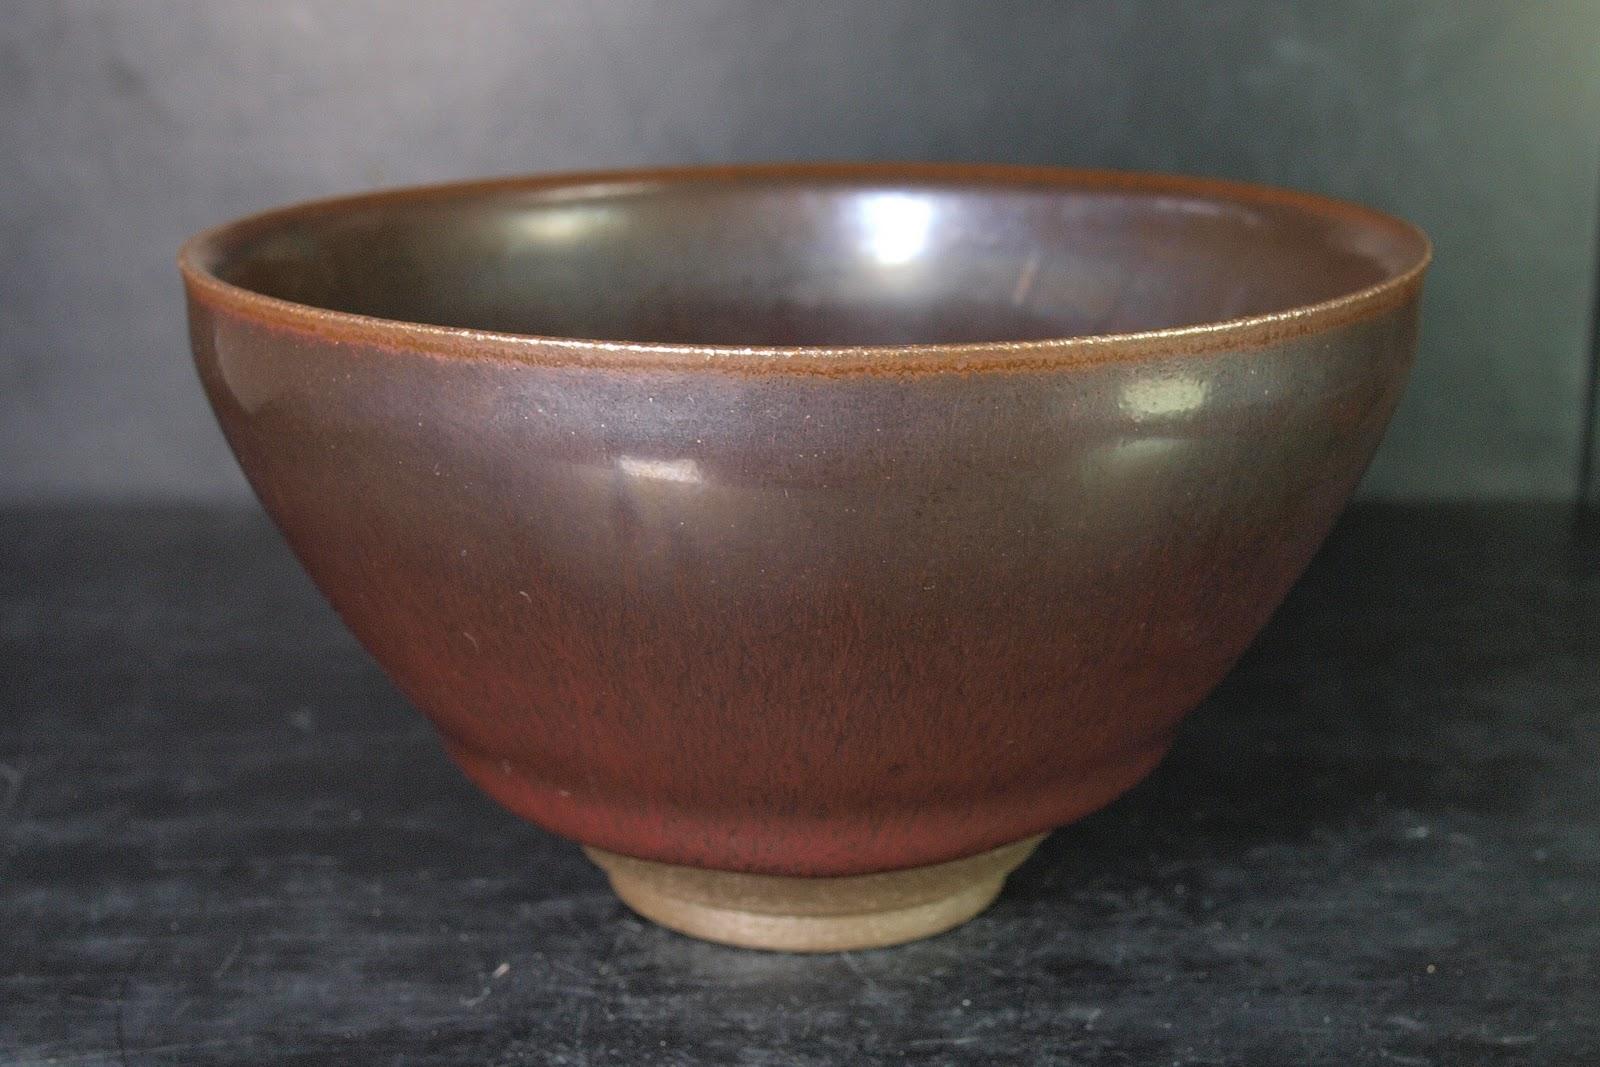 闇窯1 ... 碗底黑色大圓點和暗紅色釉面,形成強烈對比趣味. 這種釉的結晶不明顯,釉色溫潤,相較照窯其他款天目茶碗,越發彰顯獨特含蓄風采,值得細細品味!